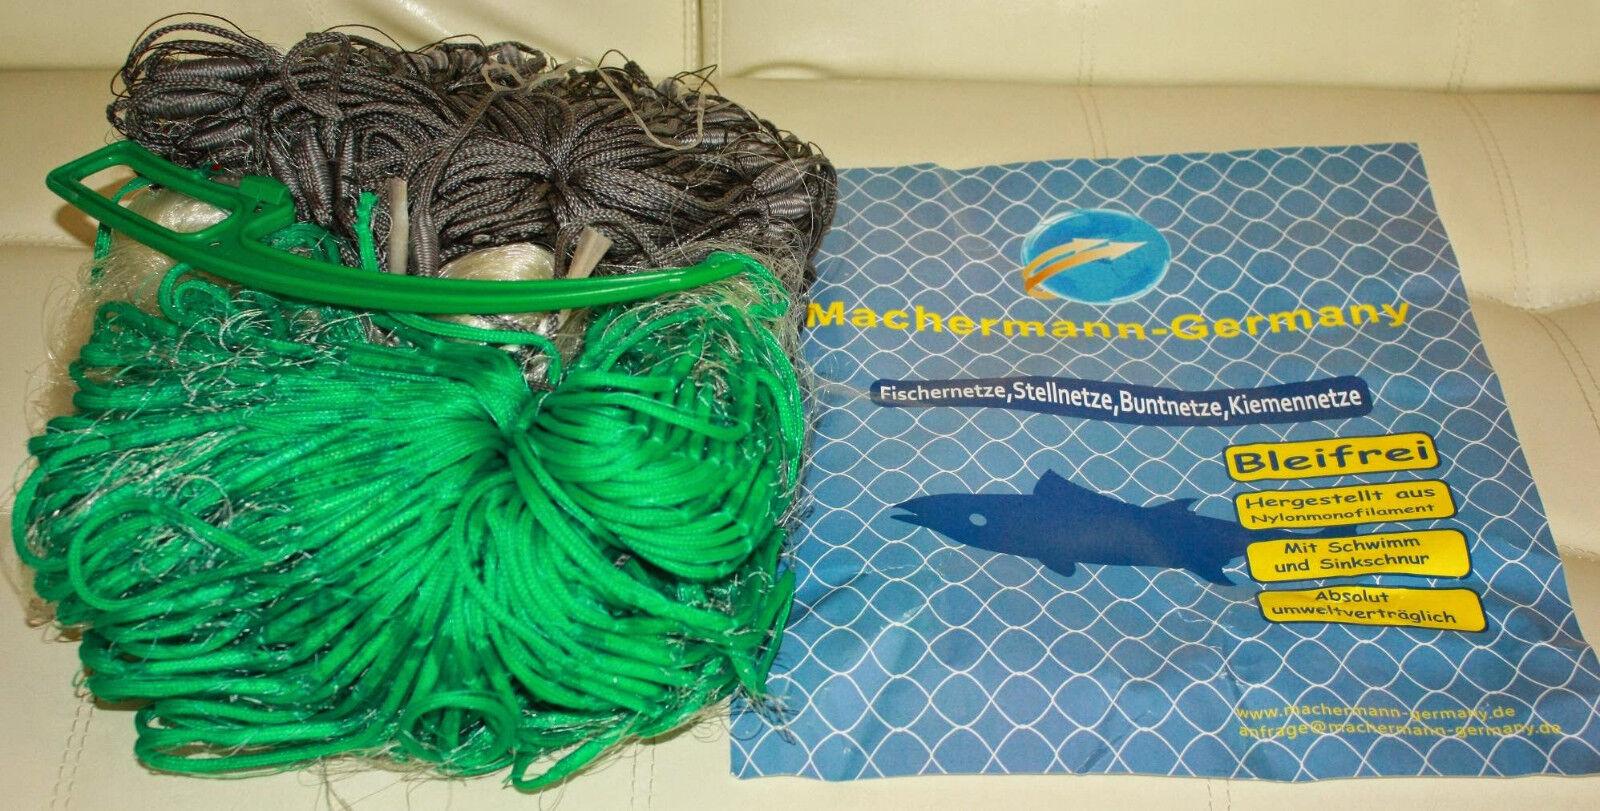 Stellnetz Fischnetz Spiegelnetz 3 Wandig Finland Netz.3m x 60m 60mmTop Preis